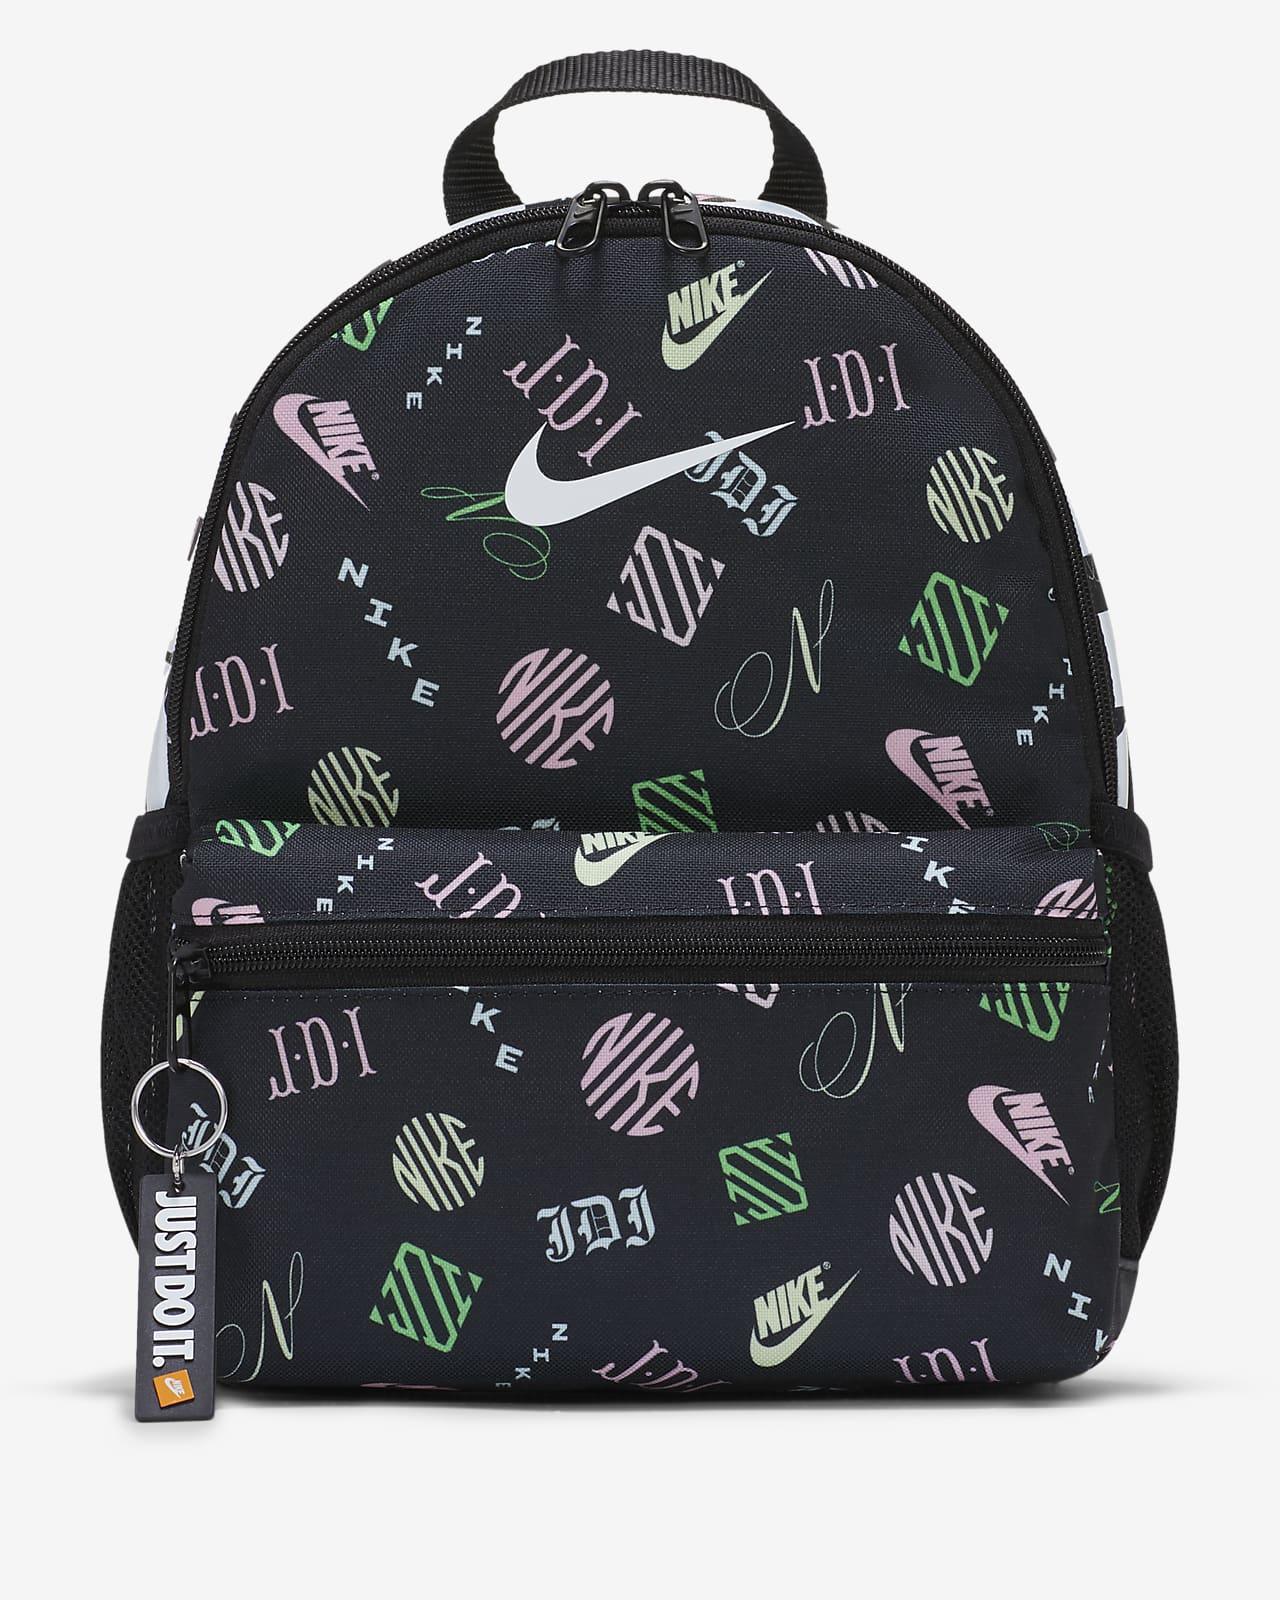 Nike Brasilia JDI Mini Kids' Backpack